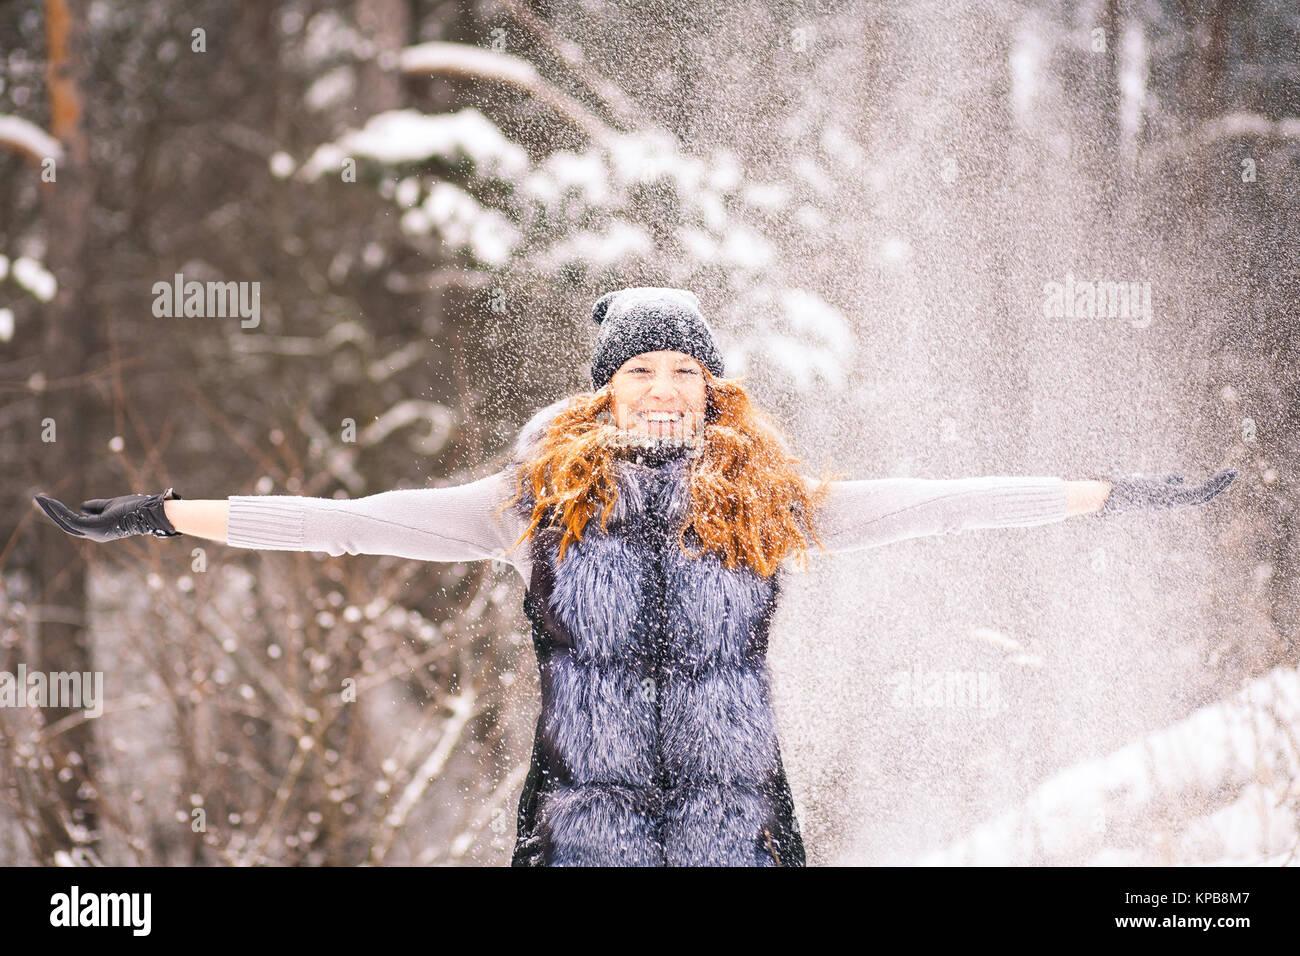 f538b24d68b8 Divertimento invernale. La ragazza di abbigliamento invernale gettando la  neve fino all'aria. Giovane donna gode nevoso inverno. Ritratto di donna  bella con ...